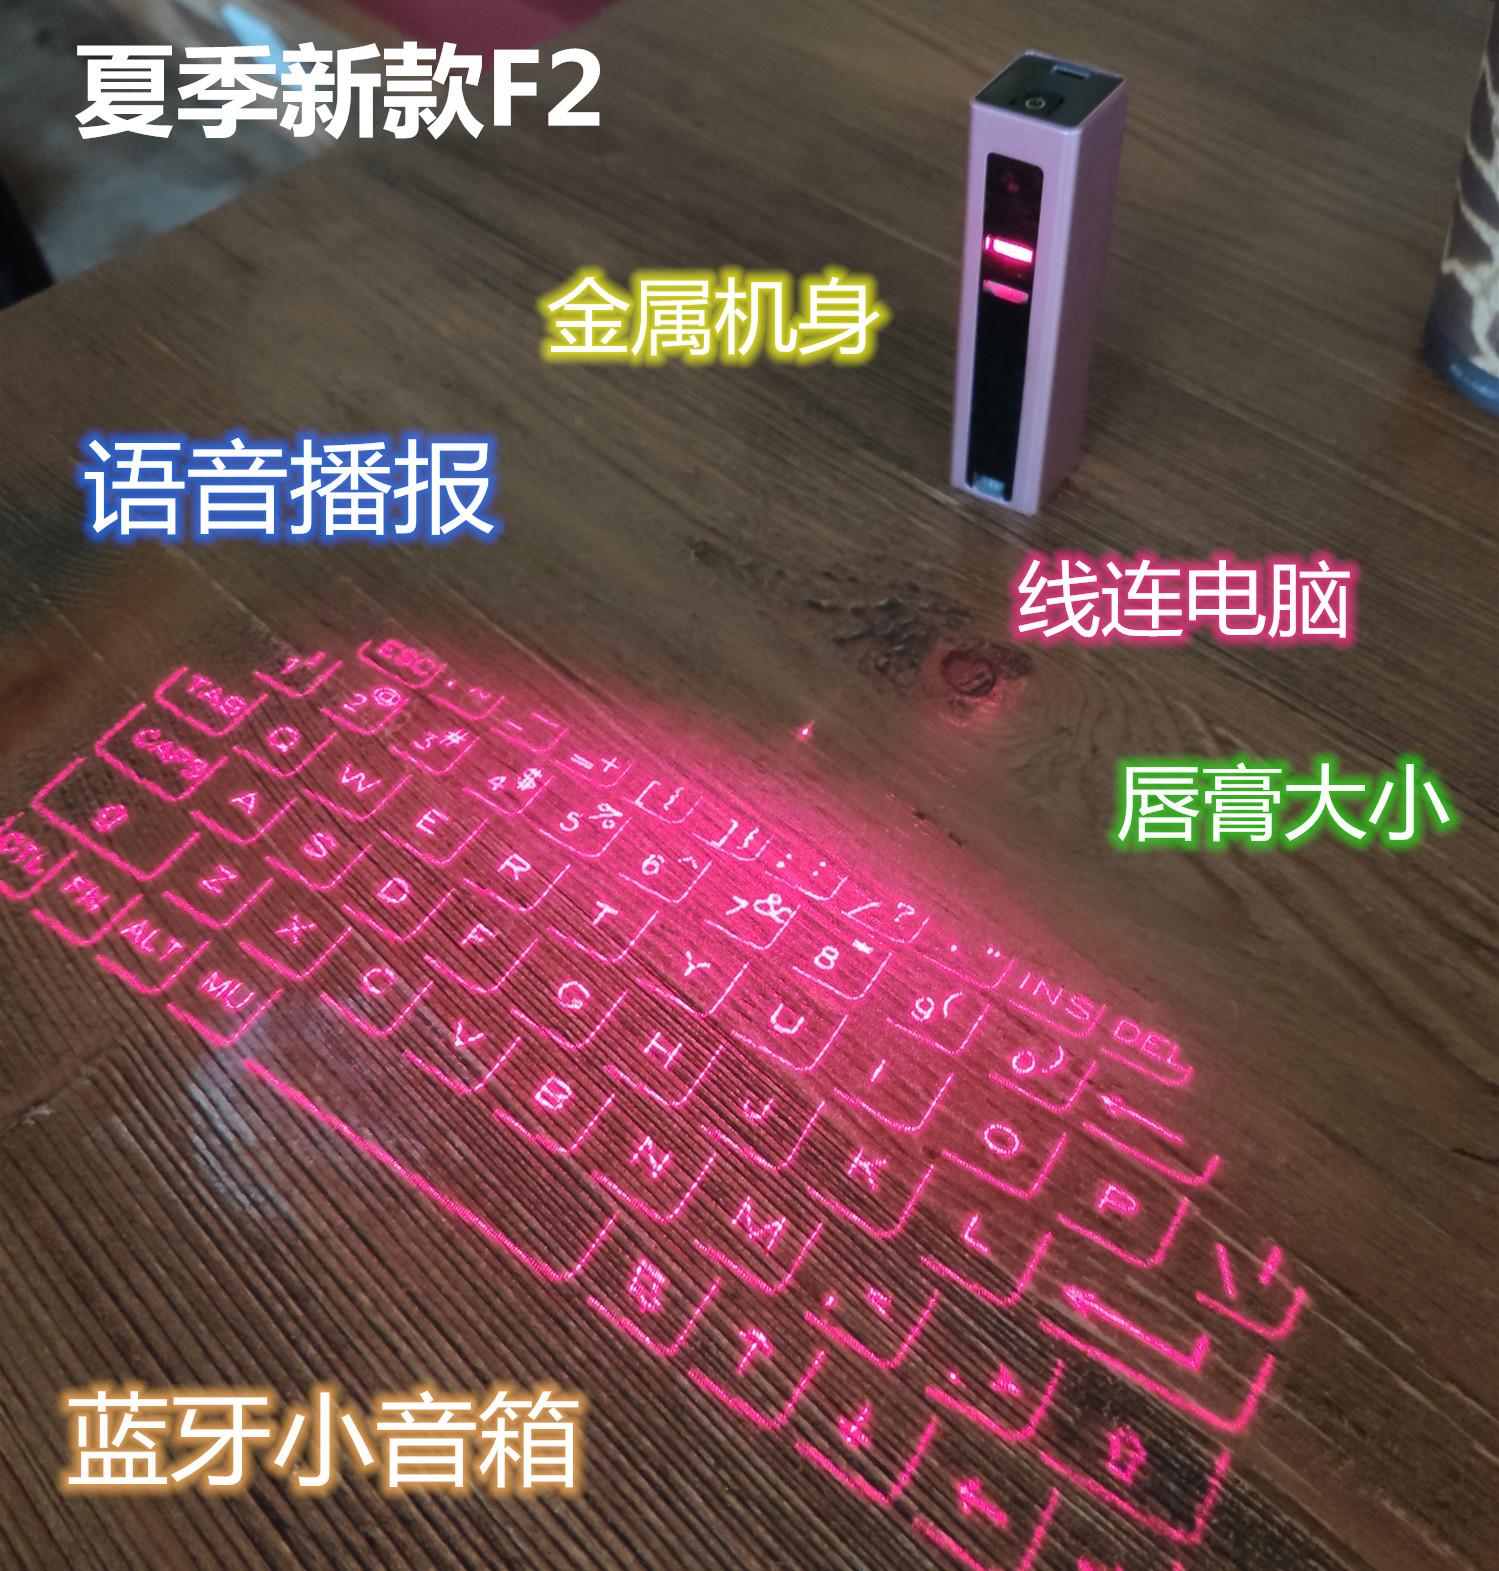 レーザーレーザーレーザー投影仮想ワイヤレスブルートゥース携帯キーボードマウス赤外線黒科学技術誕生日プレゼント携帯